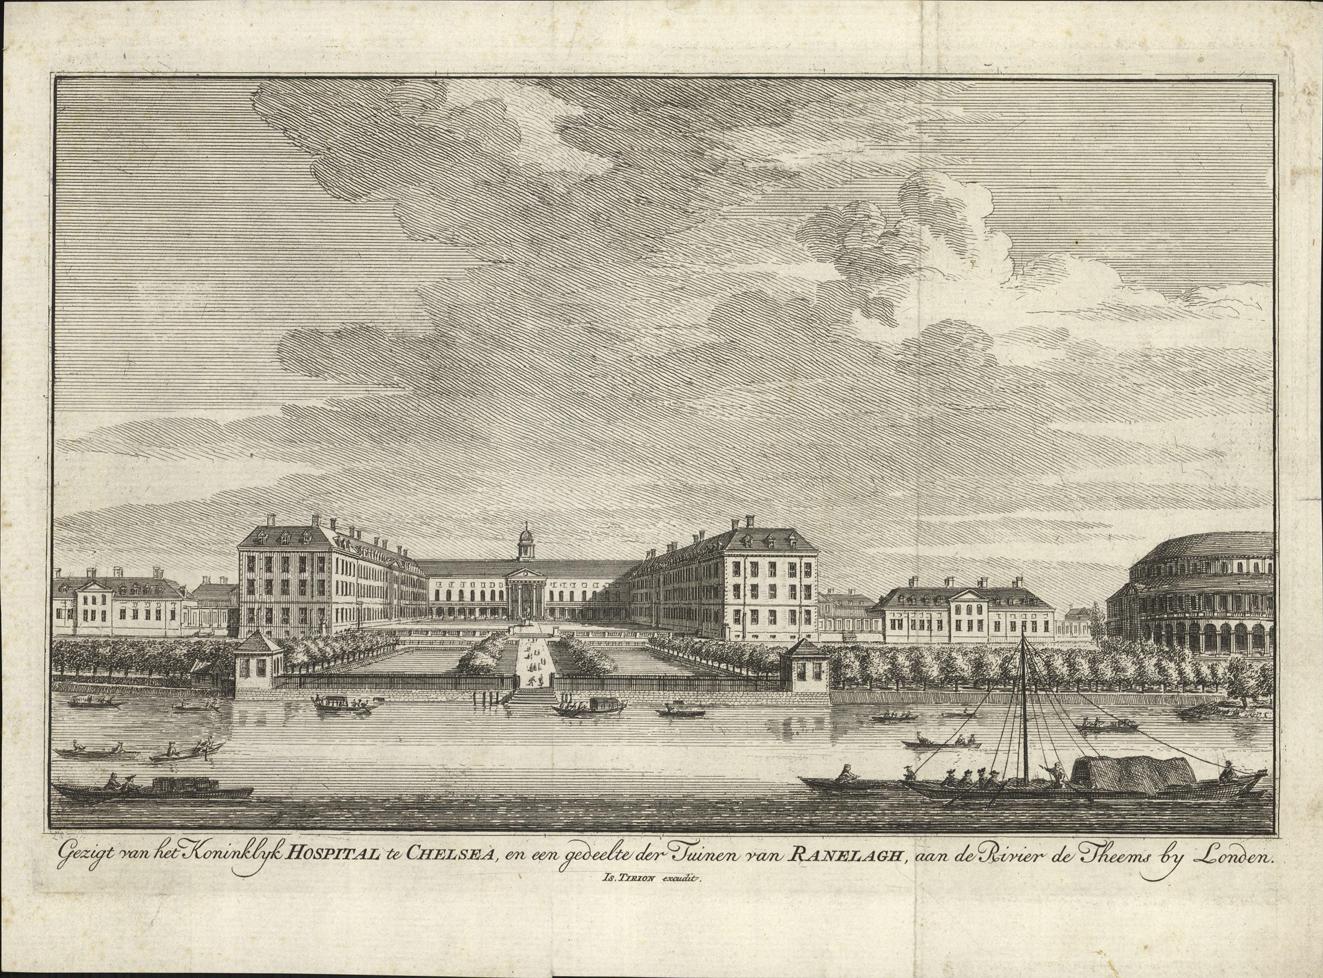 Gezicht van het Koninklijk Hospitaal te Chelsea